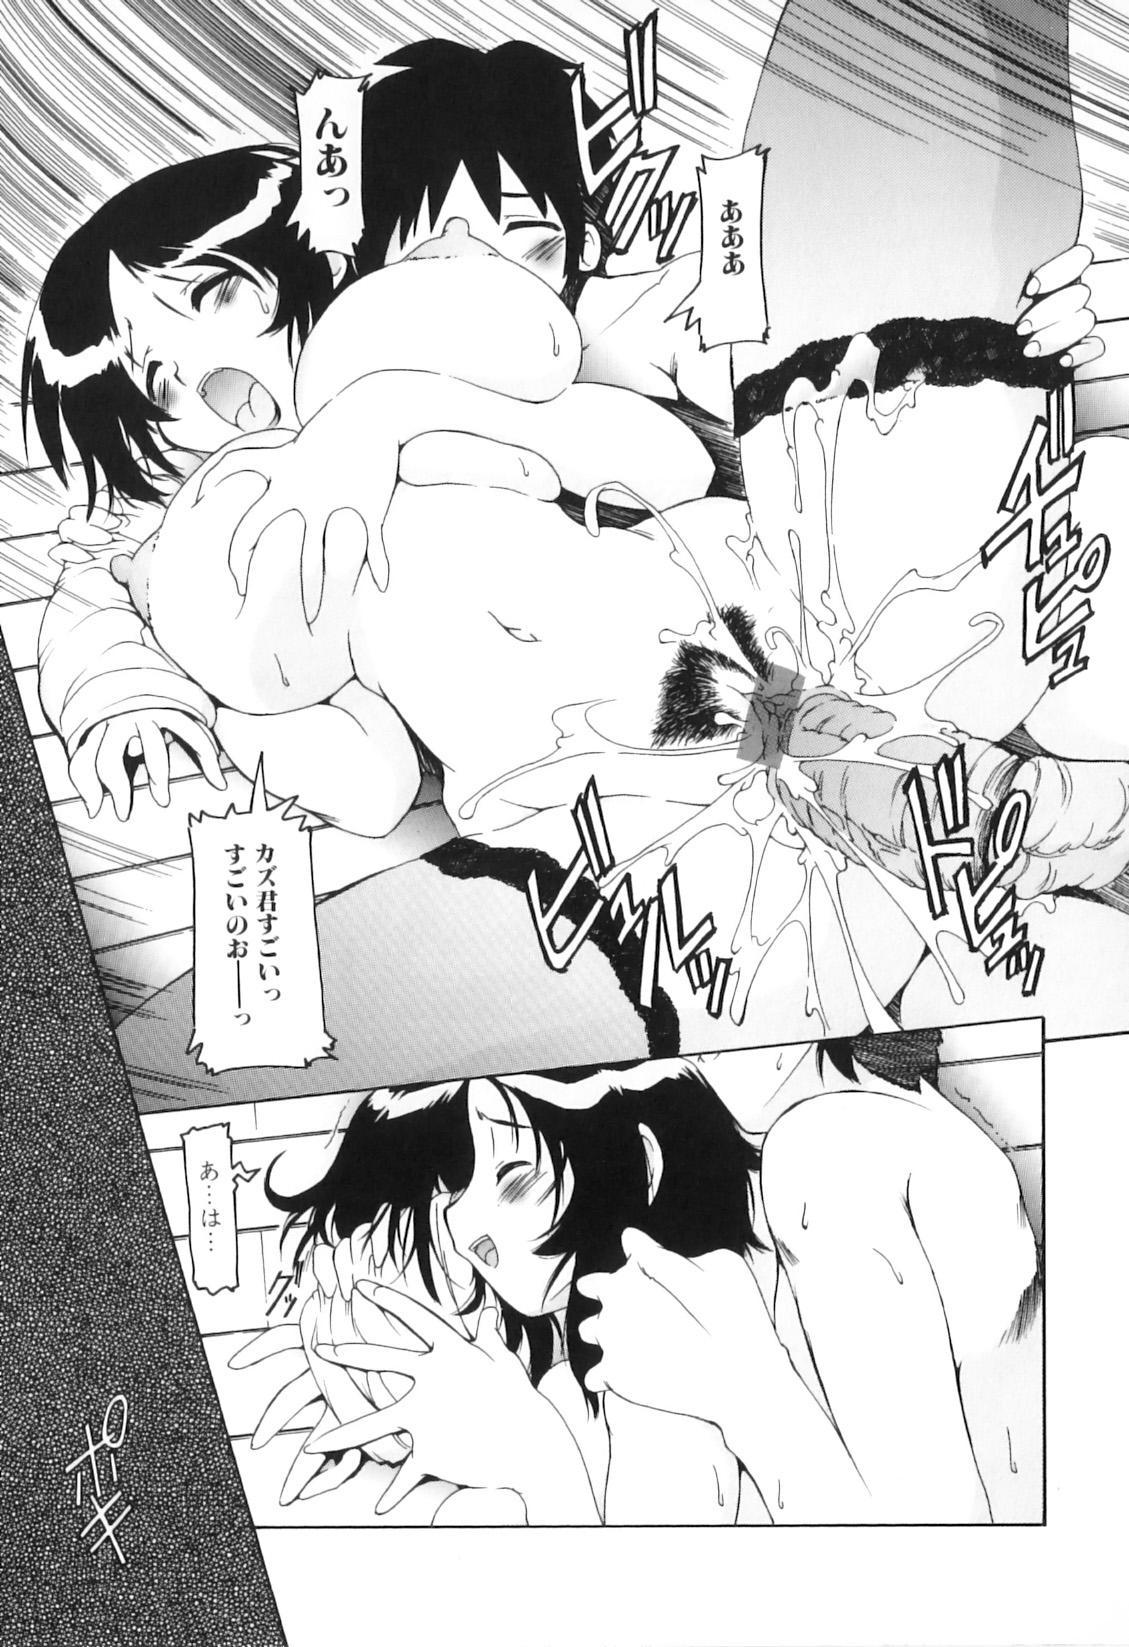 Yokujou Boshi - Desire Mother and Child 34